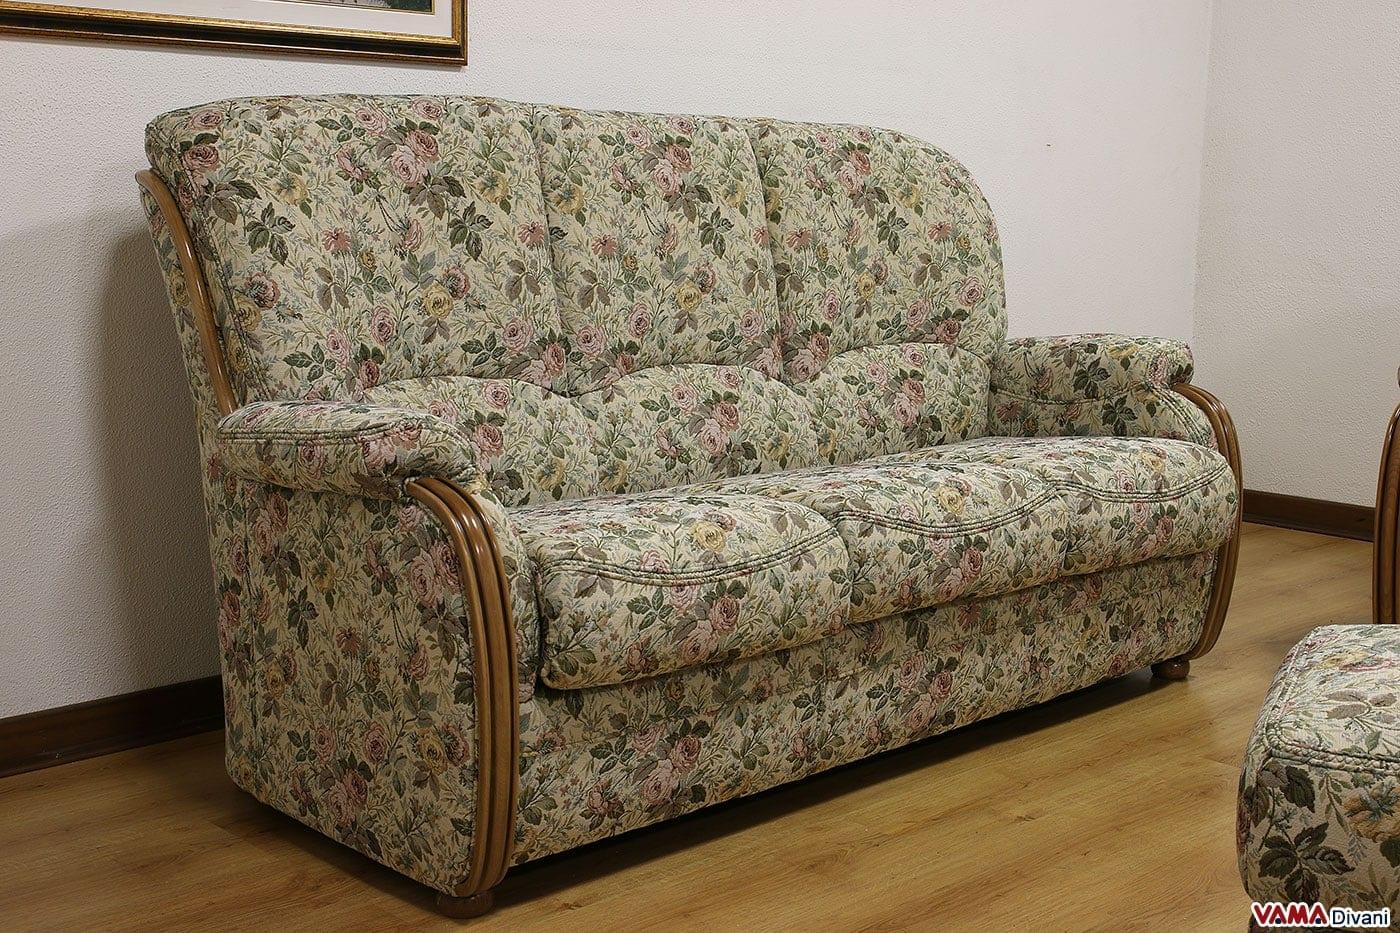 Divano bellepoque vama divani - Cambiare rivestimento divano poltrone e sofa ...